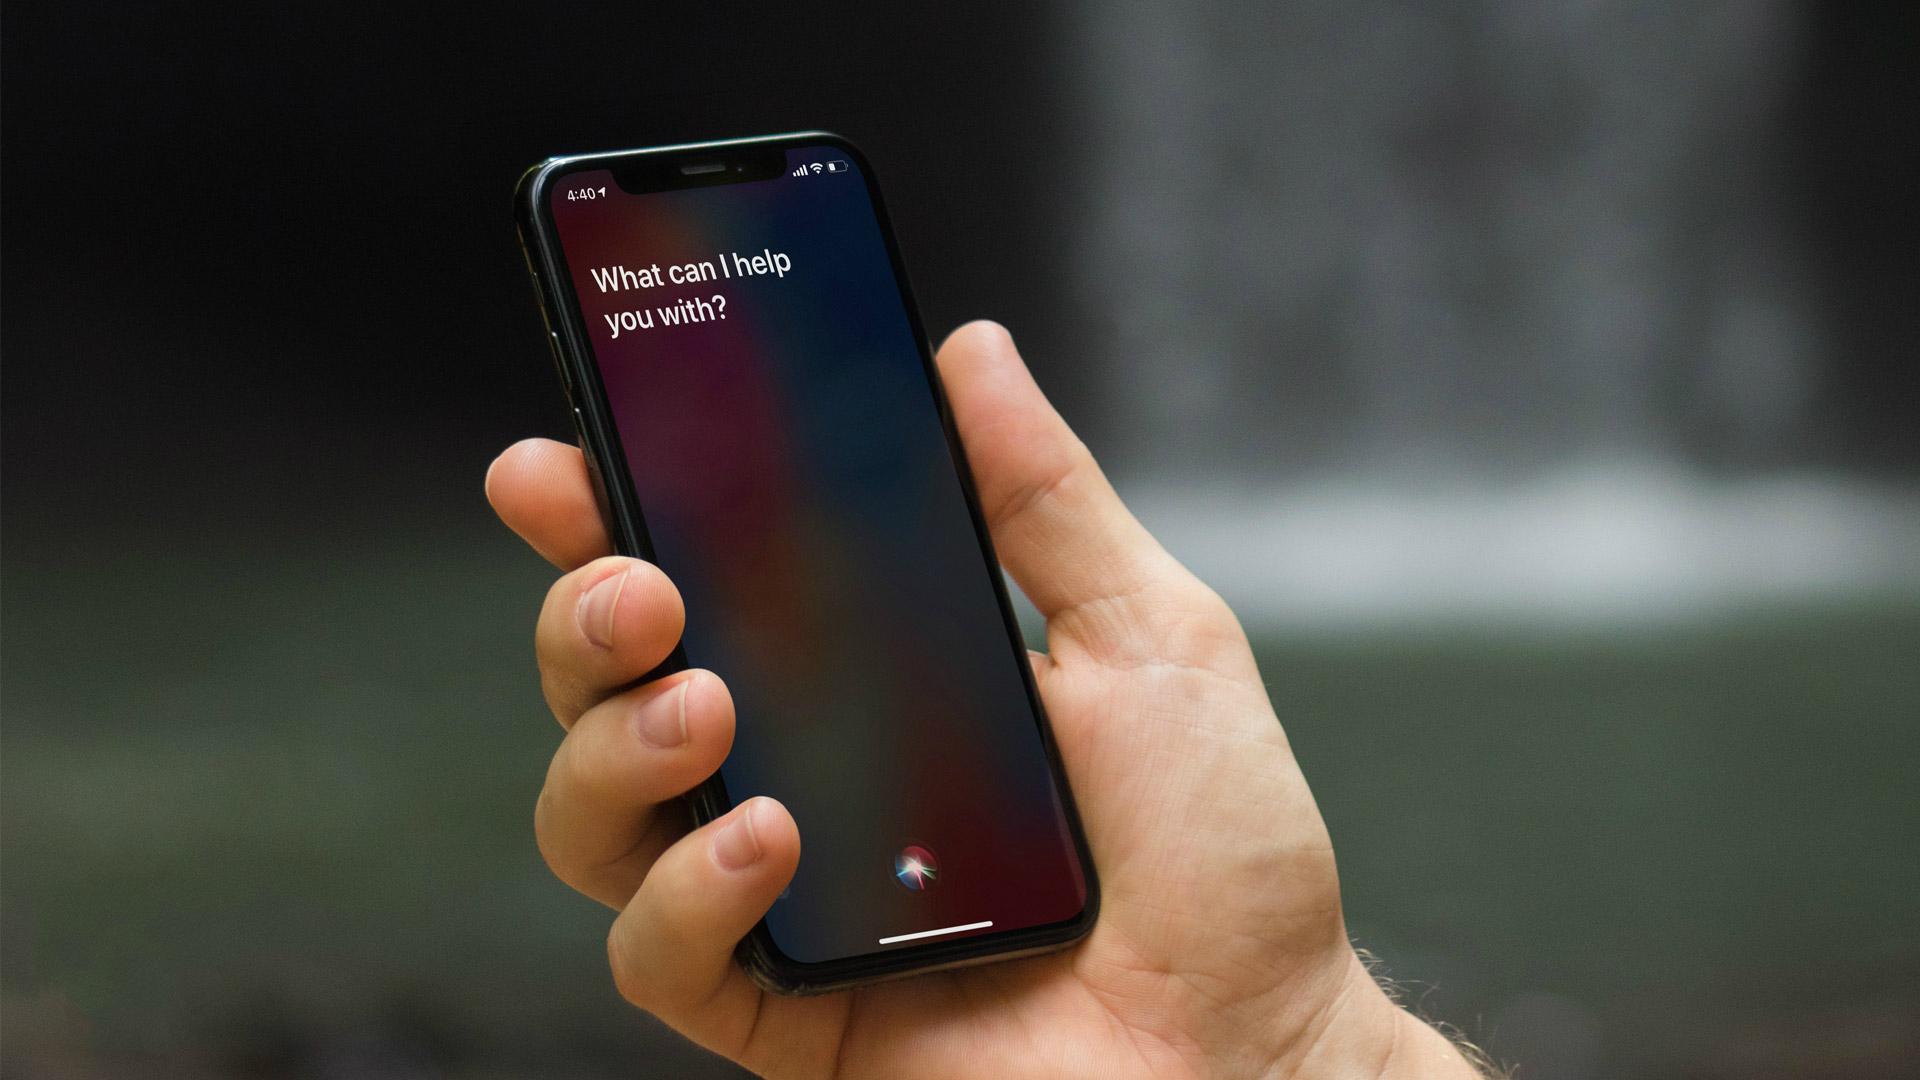 在未来,Siri 或许可以读懂你的表情